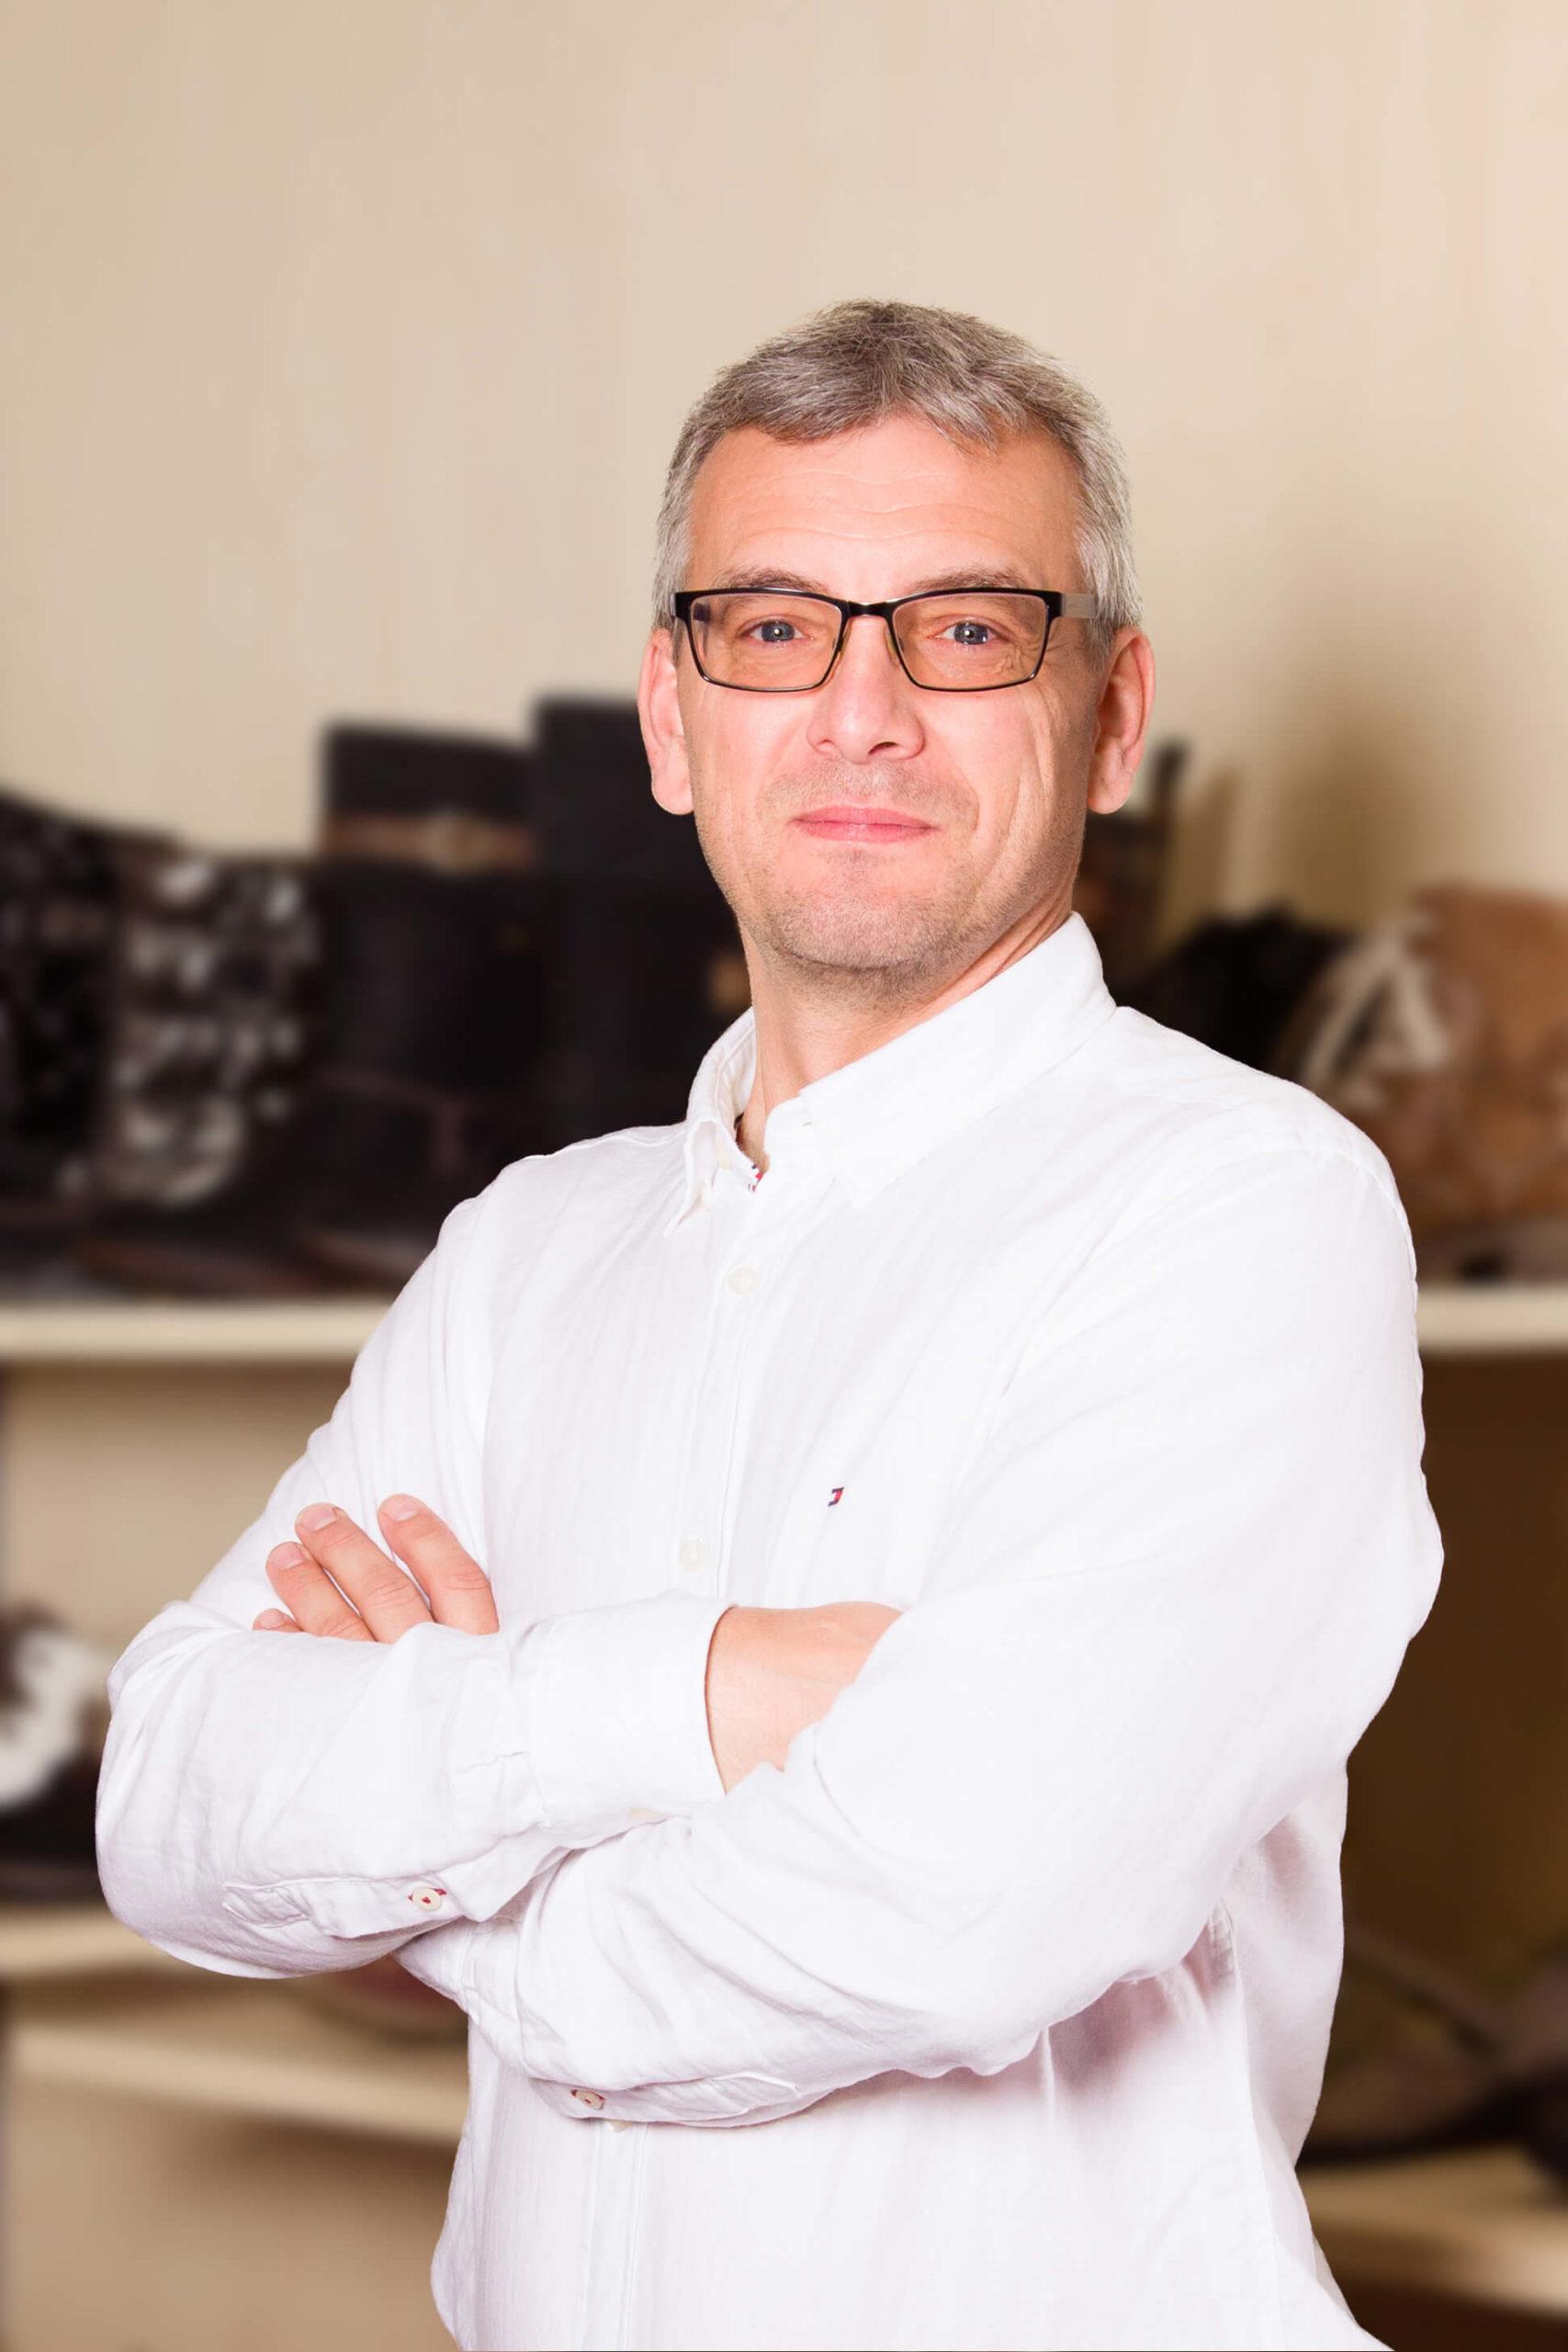 Mst. Markus Schalk